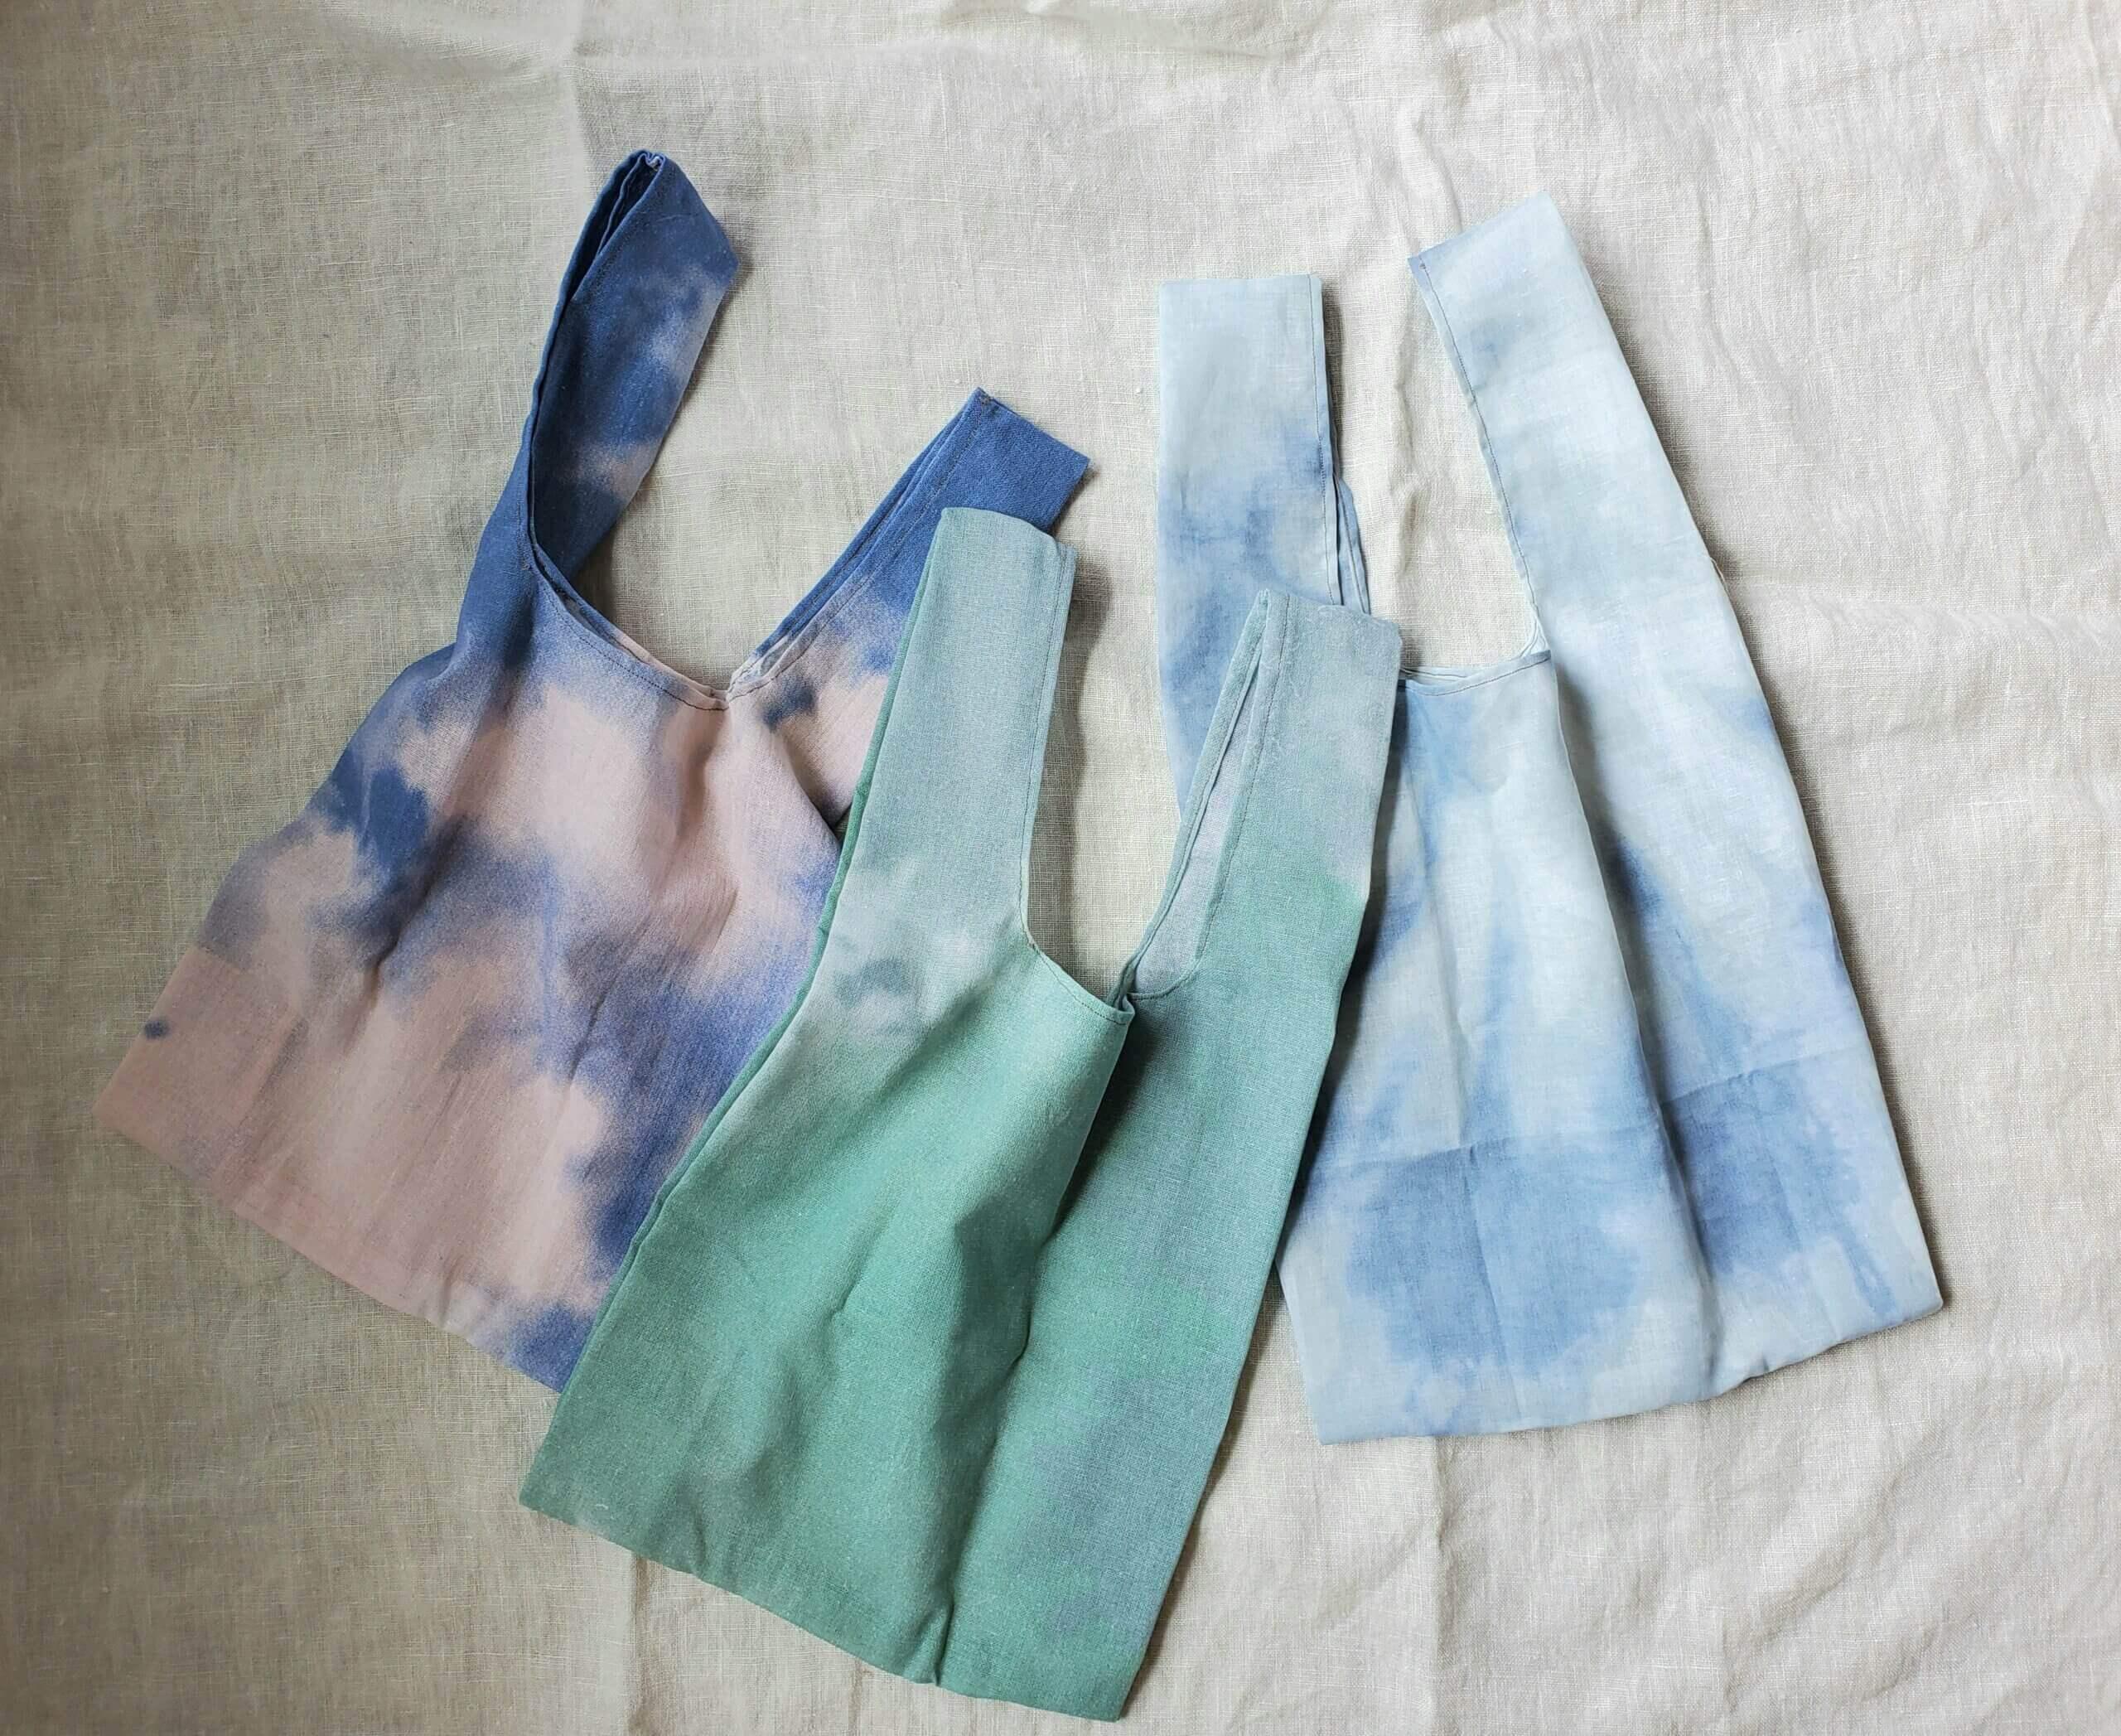 【3人分】「最近手作りした布アイテム」拝見!【エコバッグ、マスク、スカートをハンドメイド】